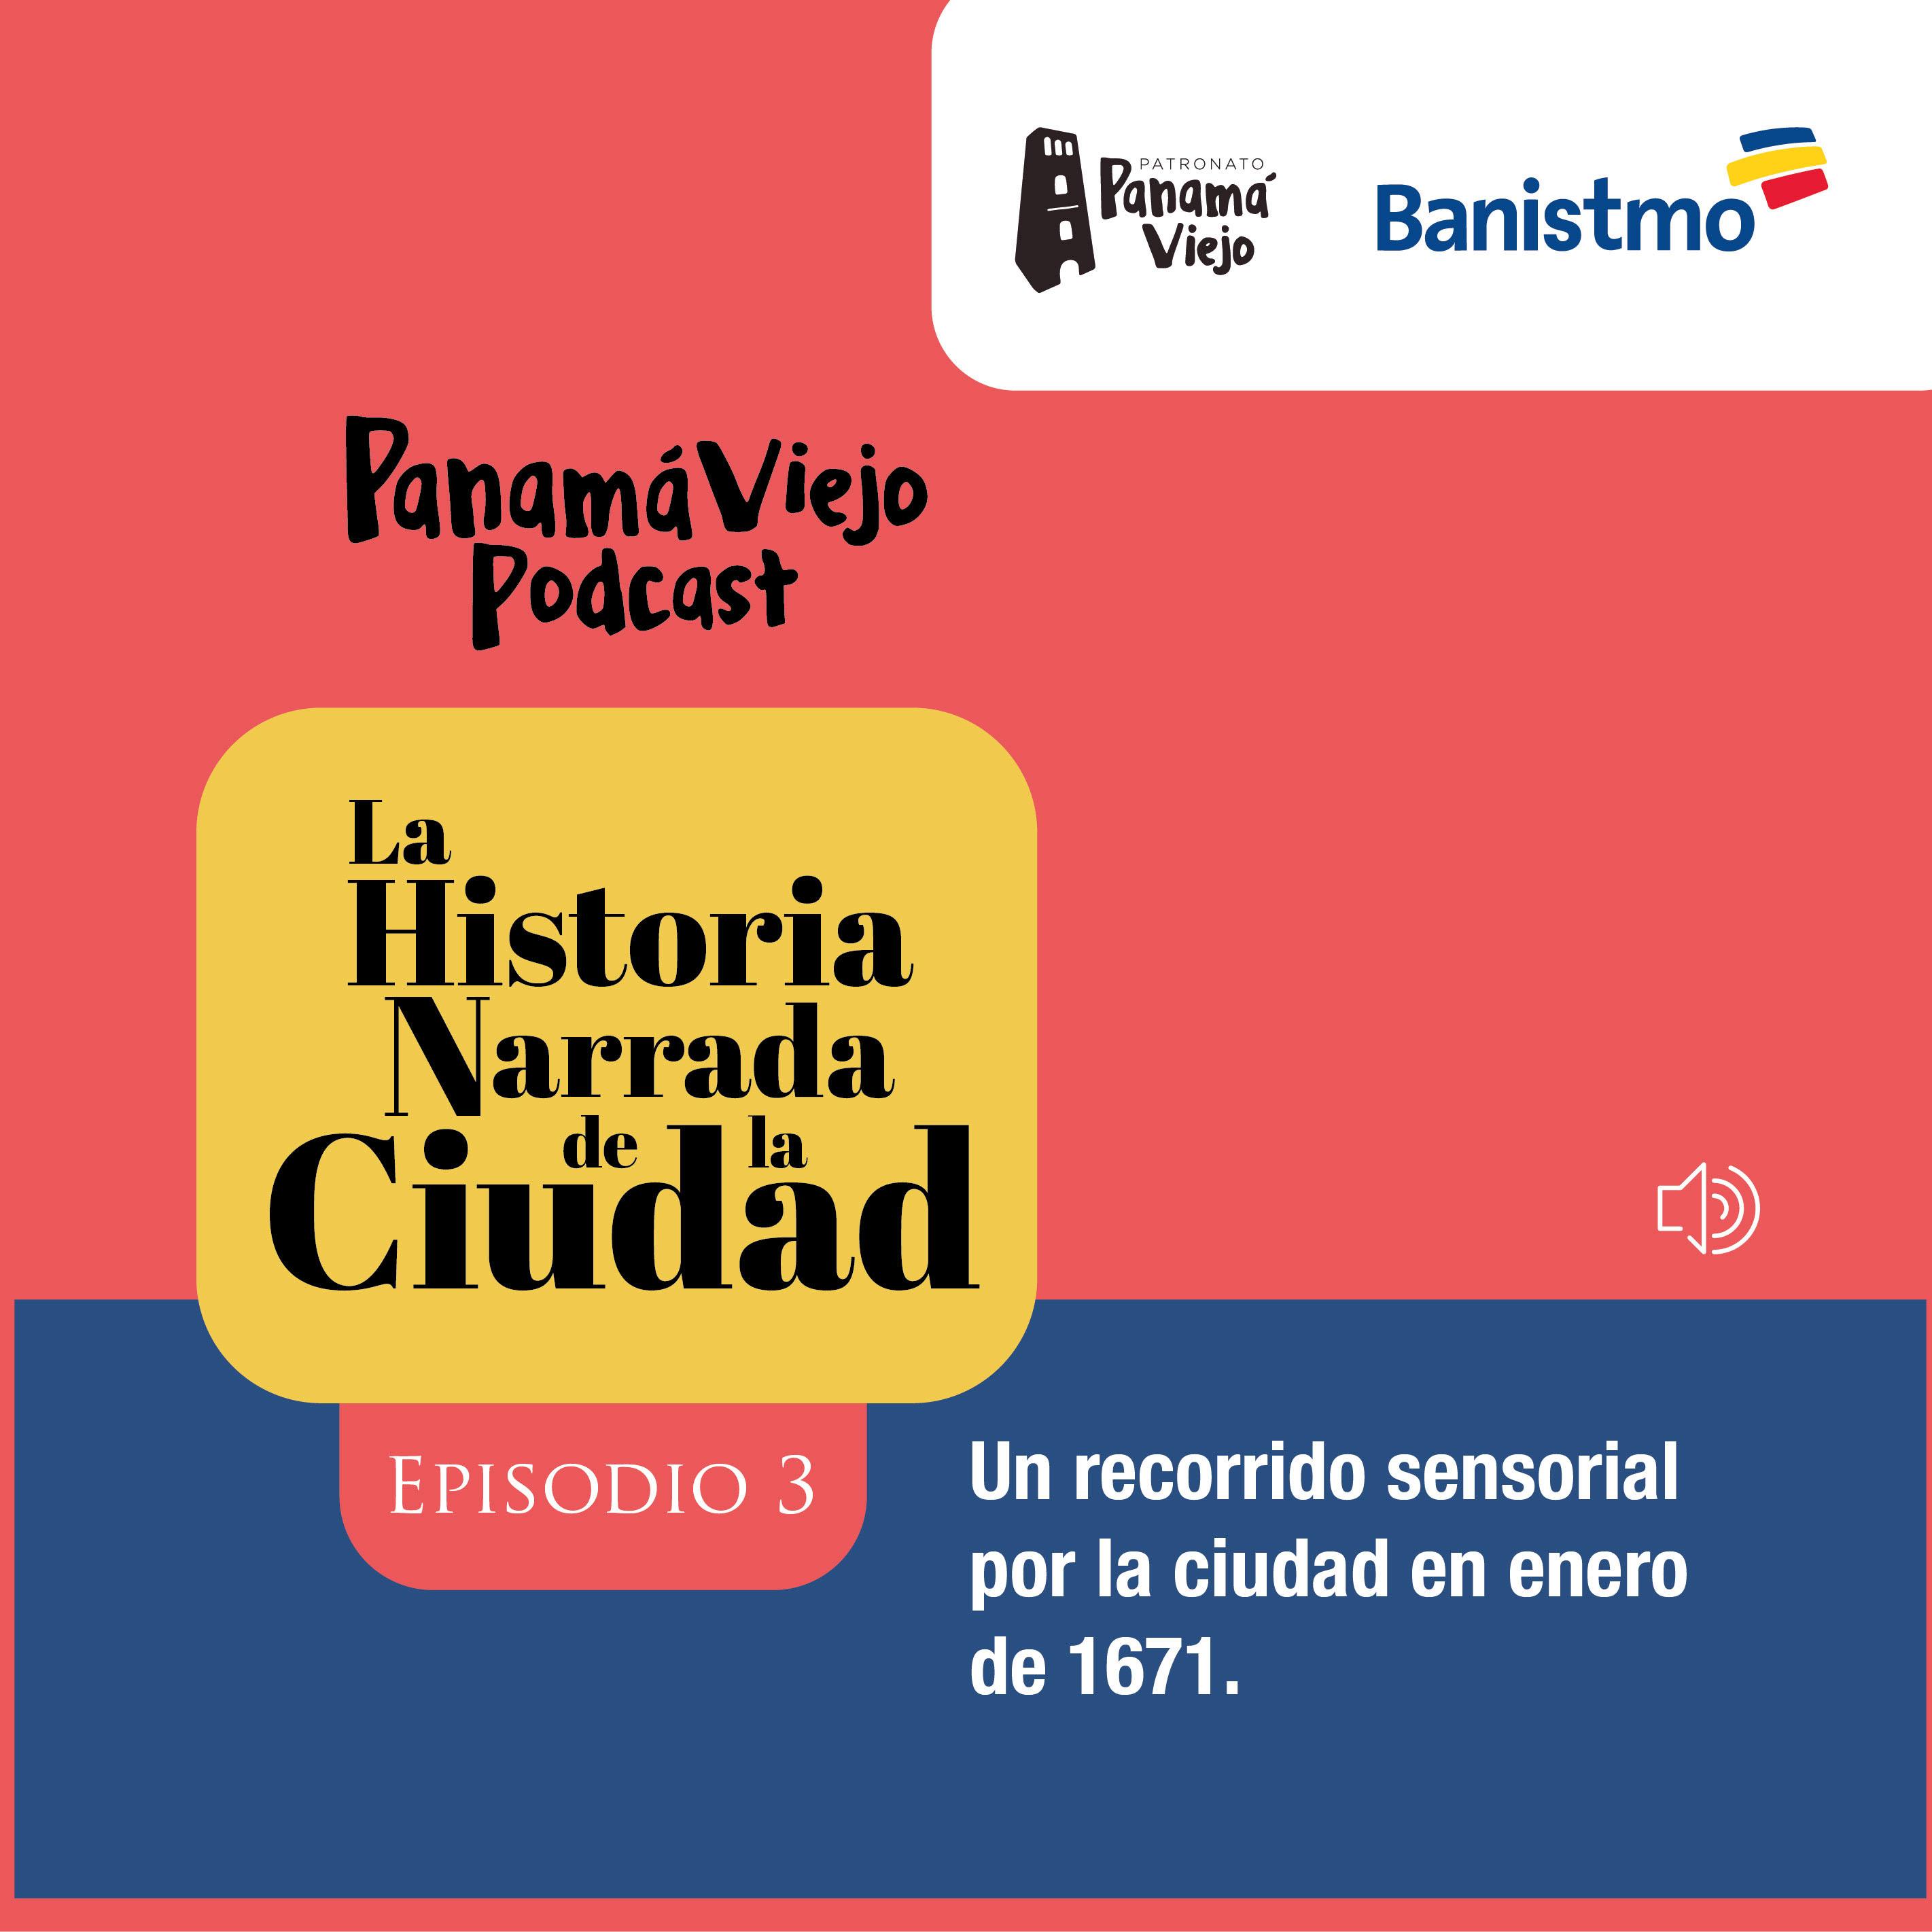 [Episode 3] Un recorrido sensorial por la ciudad en enero de 1671.